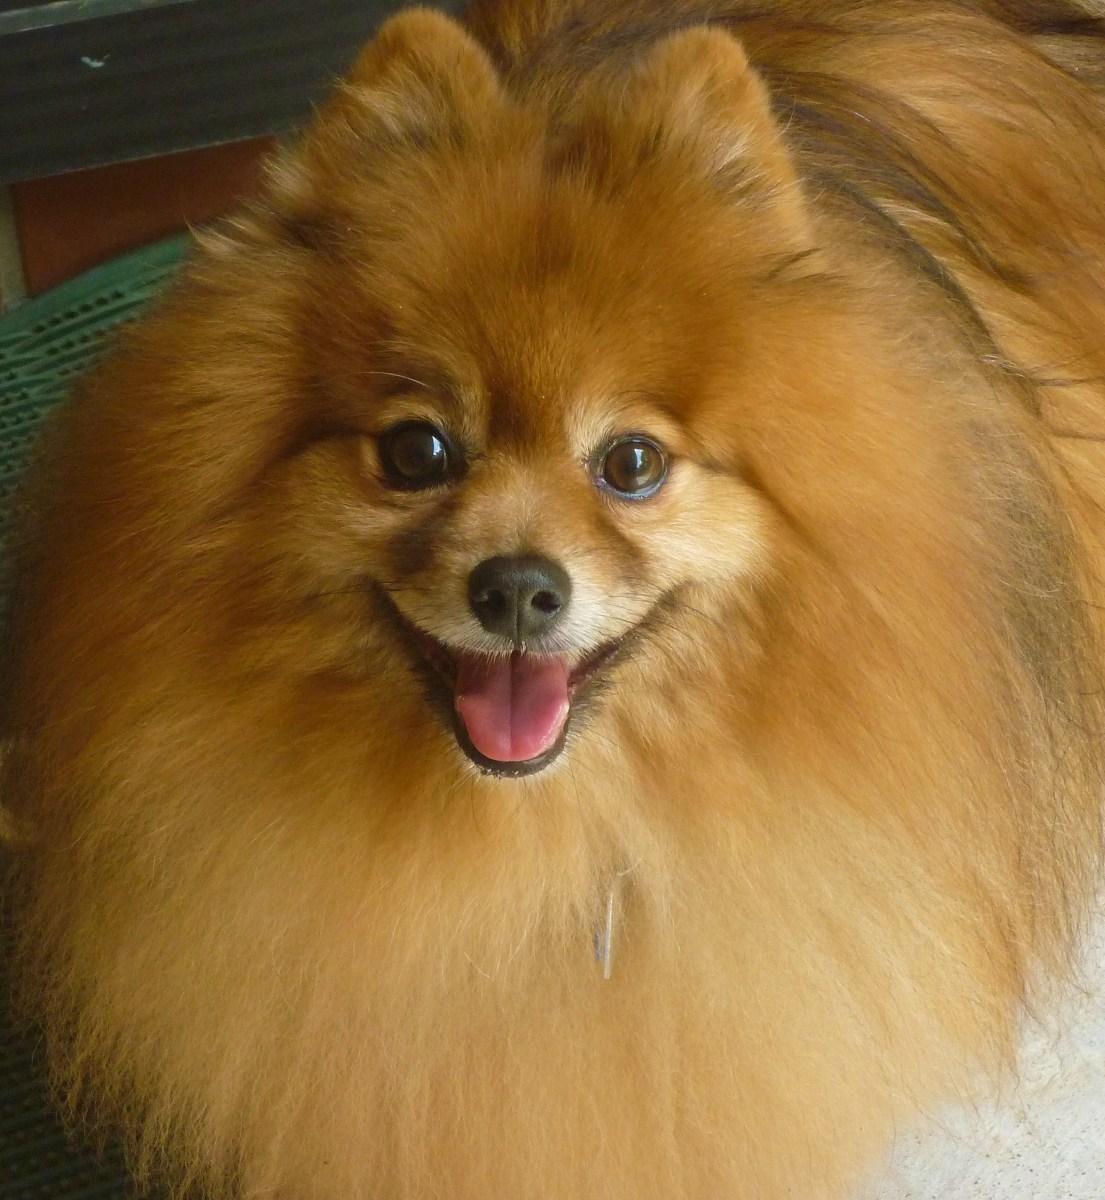 Pomeranian dog Skippy